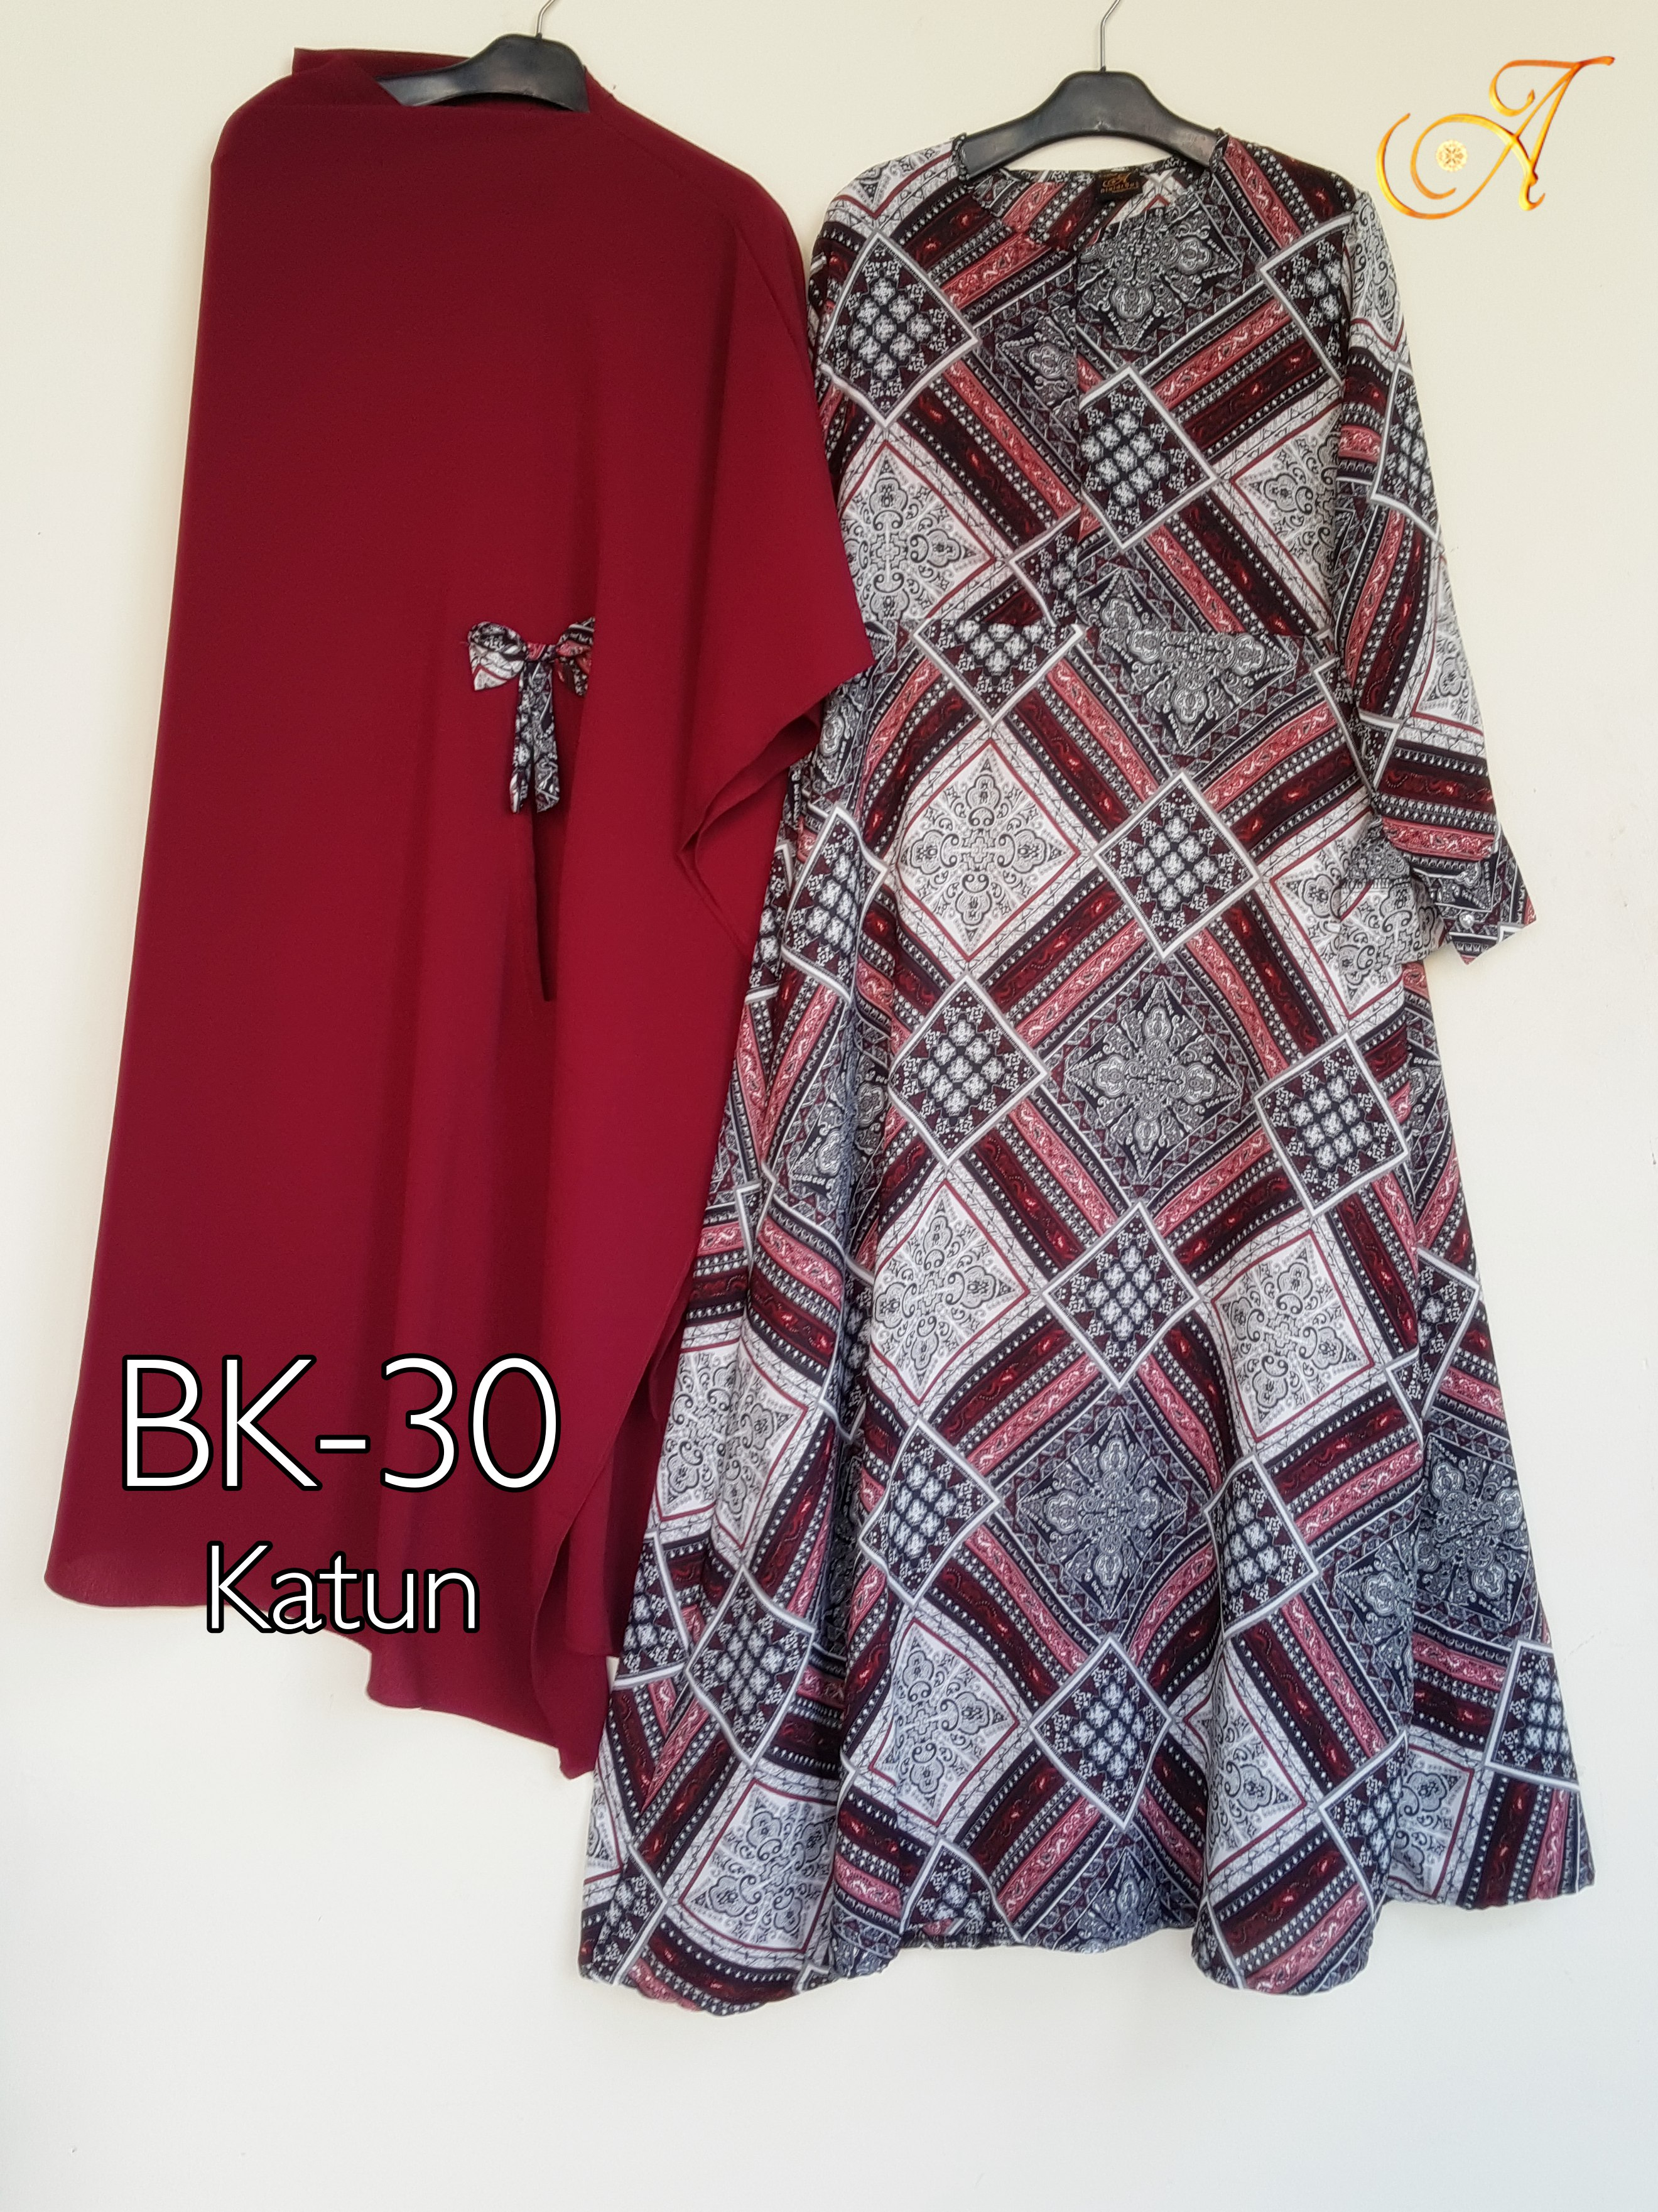 BK-30 merah